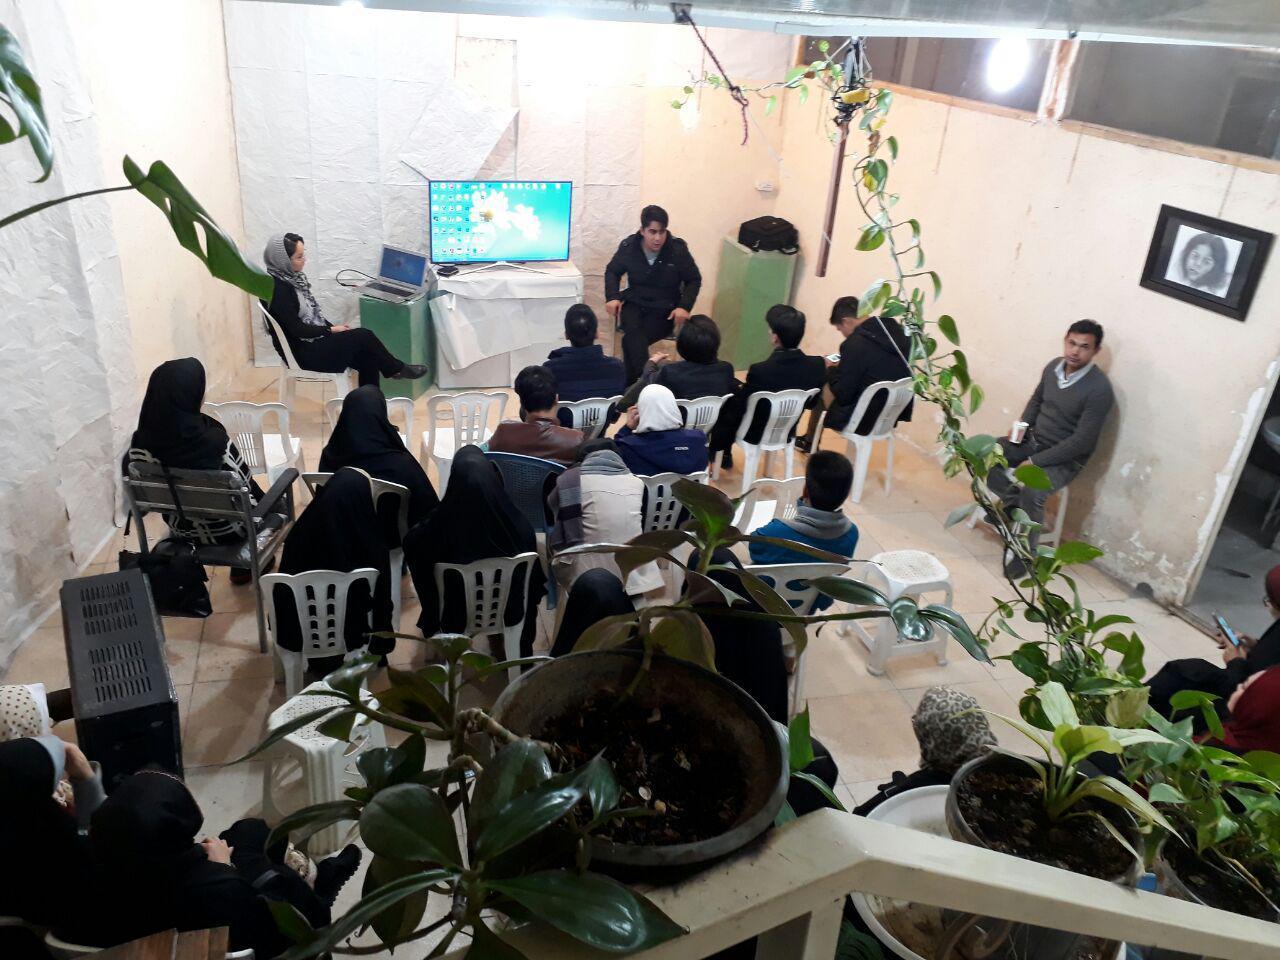 برگزاری نمایشگاه عکس «سرزمین مادری» با حضور عکاسان افغانستانی در مشهد